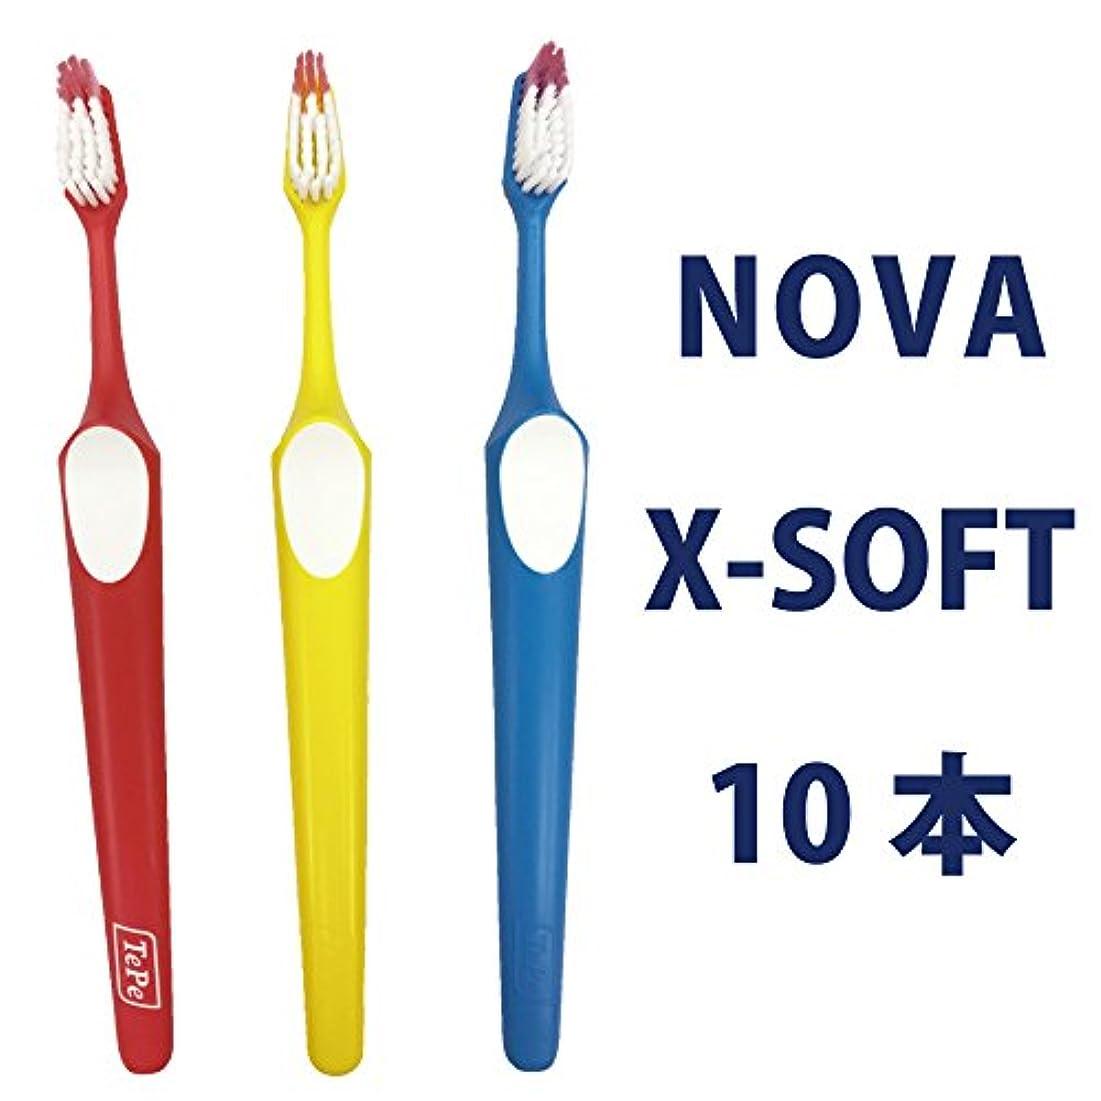 背が高いアライメントスクランブルテペ ノバ エキストラソフト(極やわらかめ)奥歯がみがきやすい 10本 NEWカラー